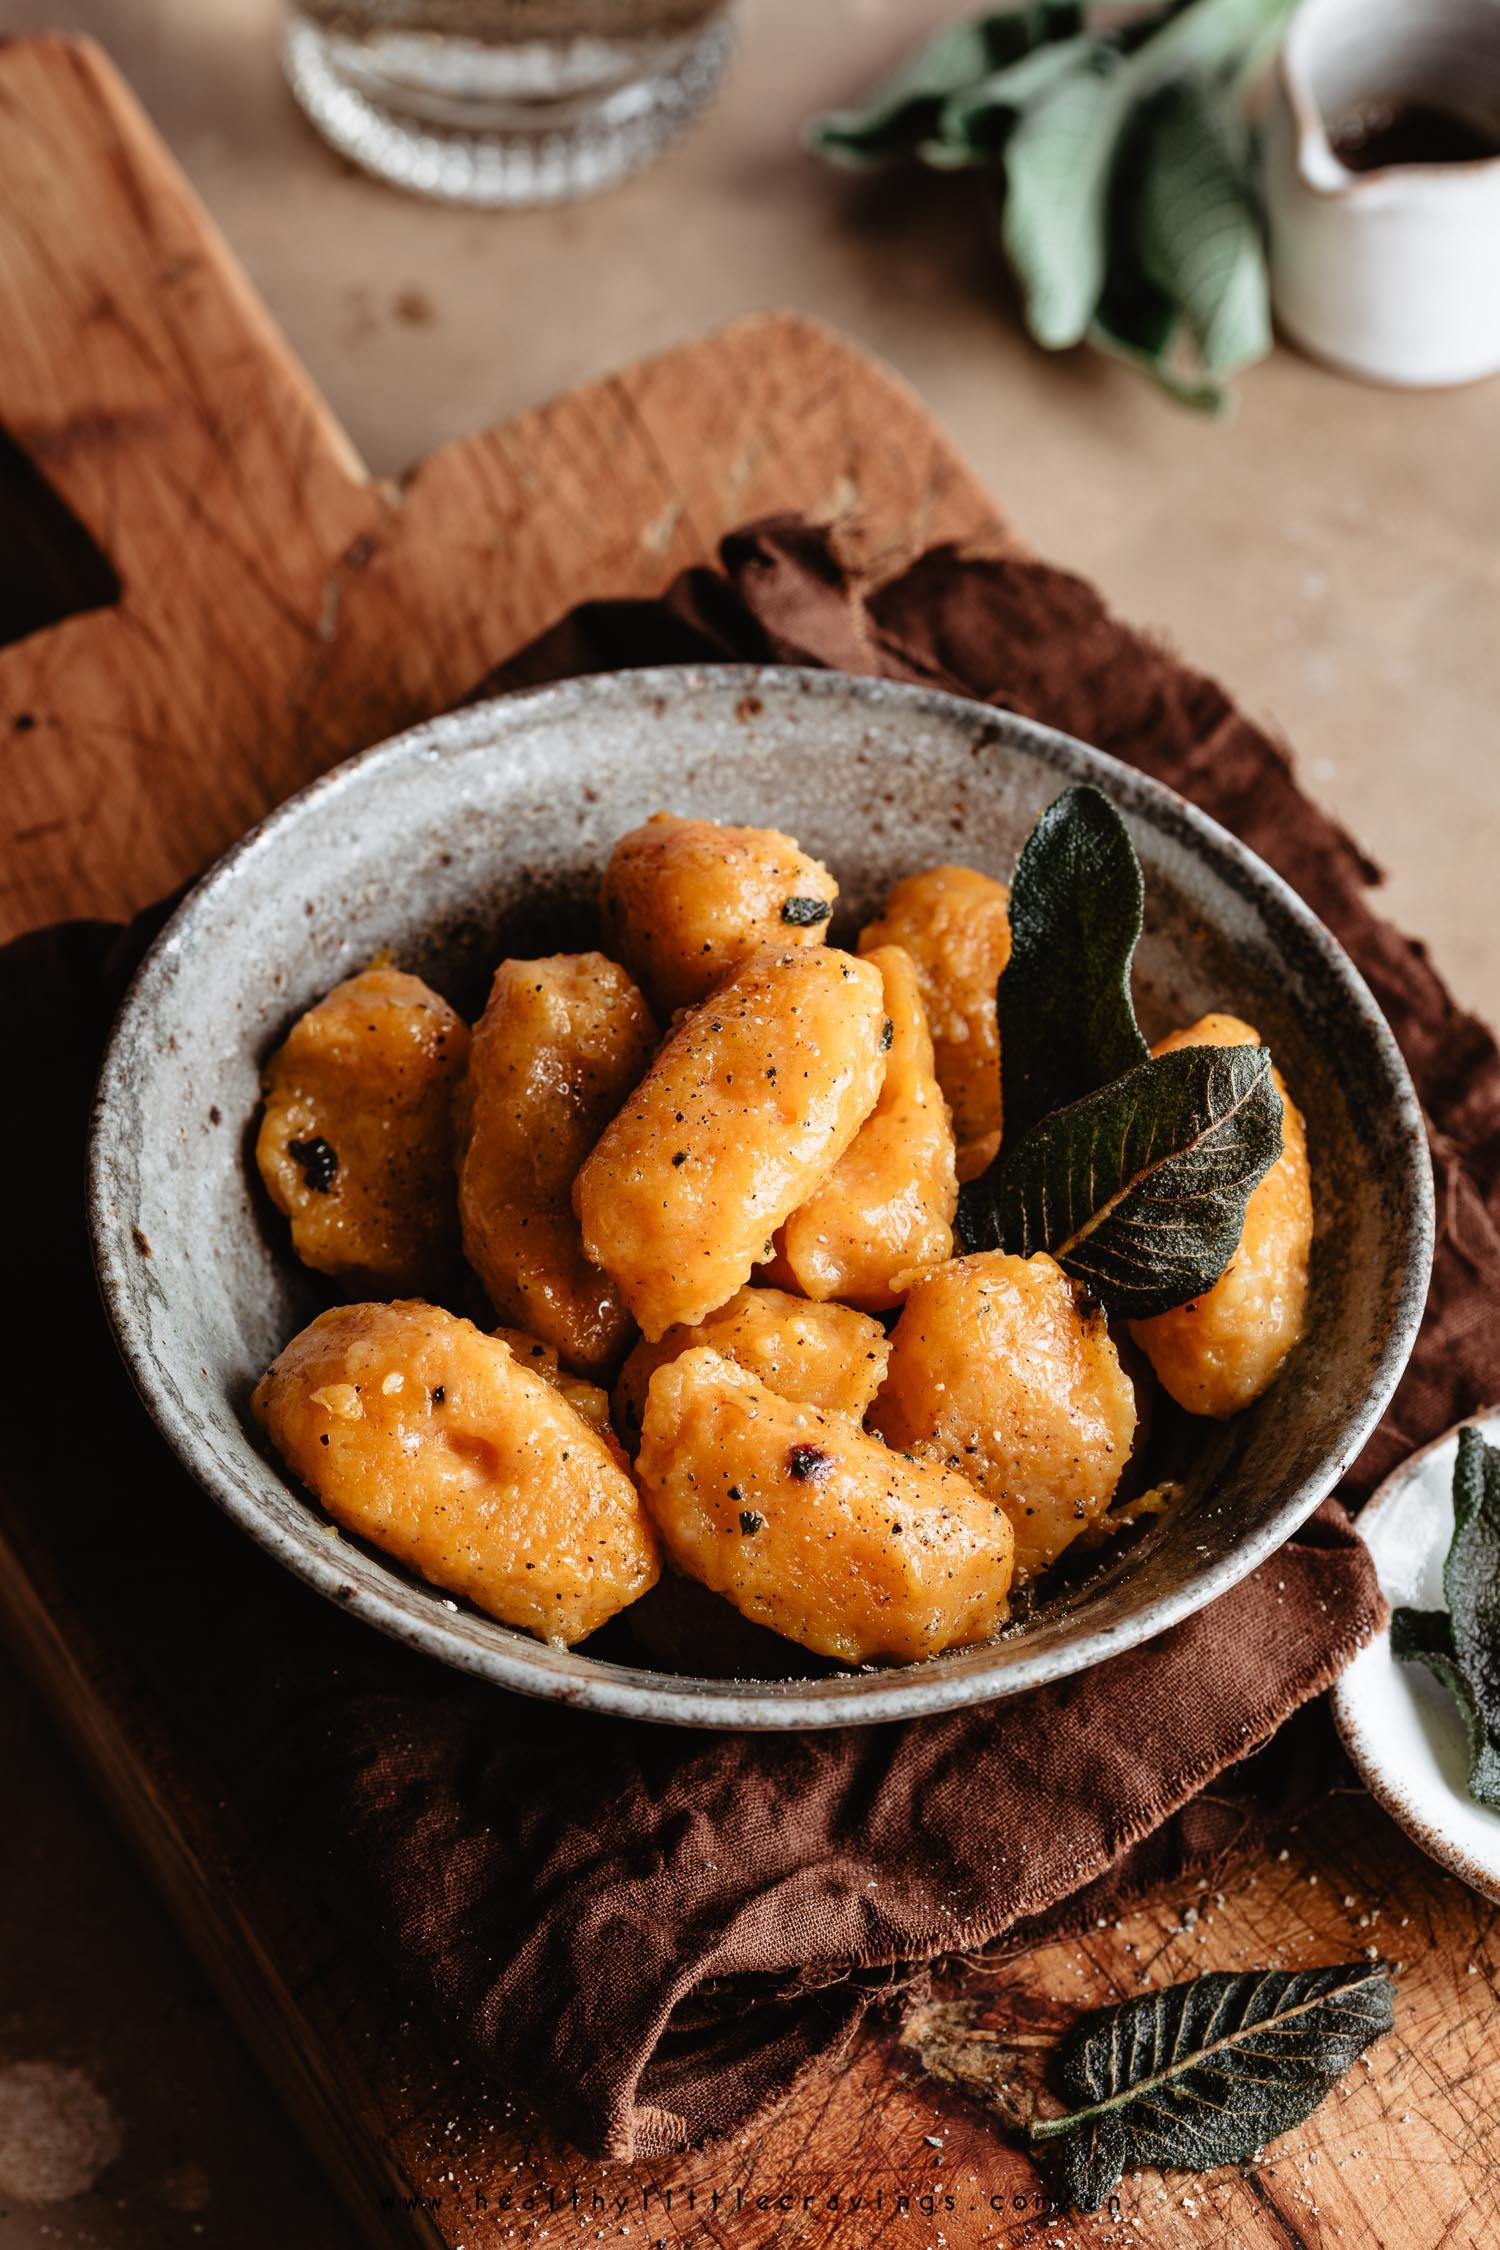 Recipe to make pumpkin gnocchi from scratch